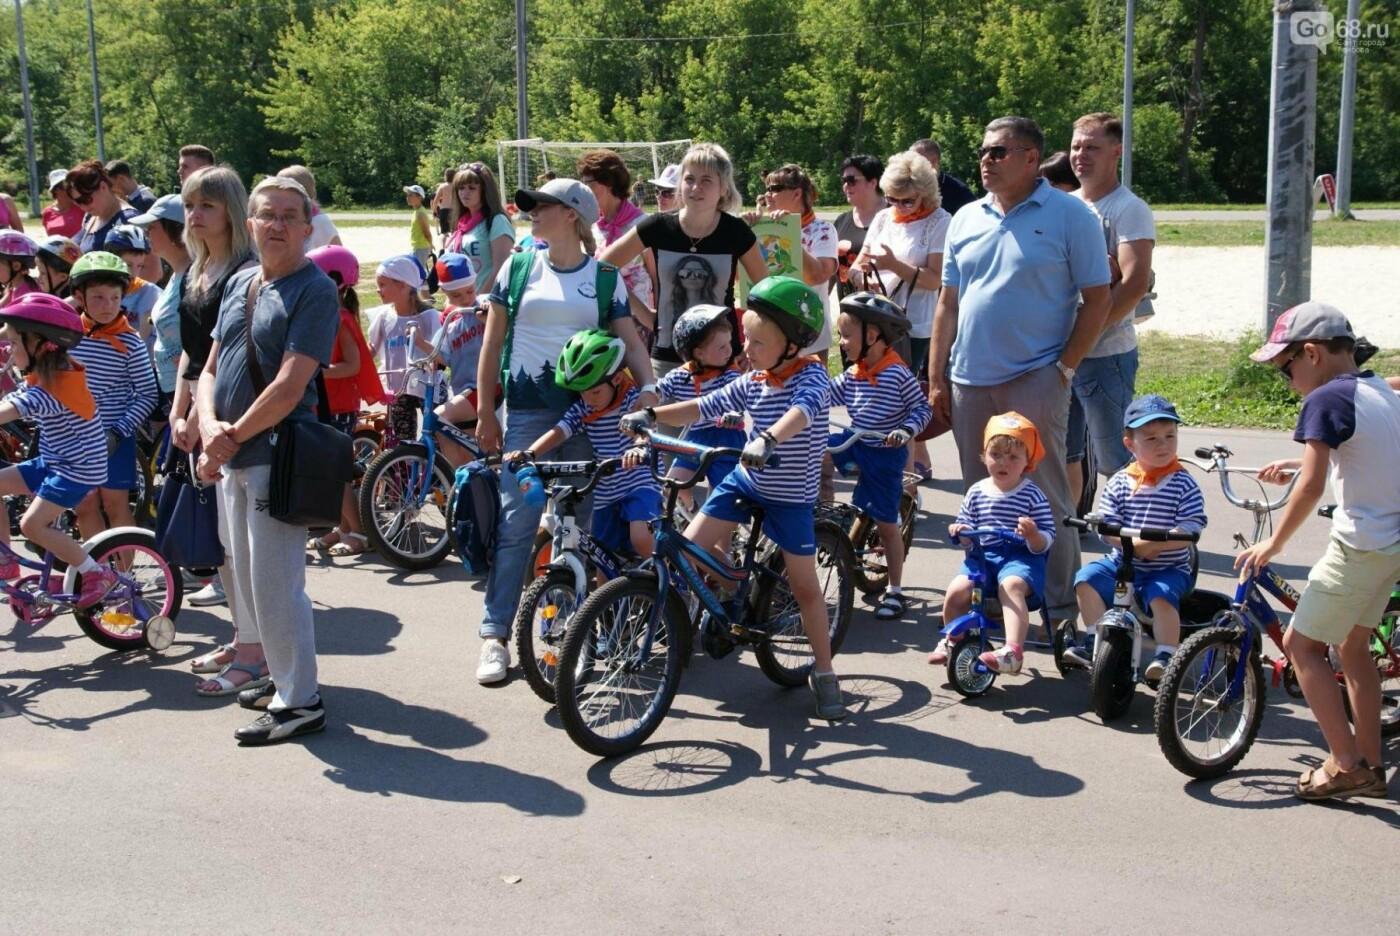 Тамбовский фестиваль «Солнце на спицах» объединил любителей велоспорта, фото-4